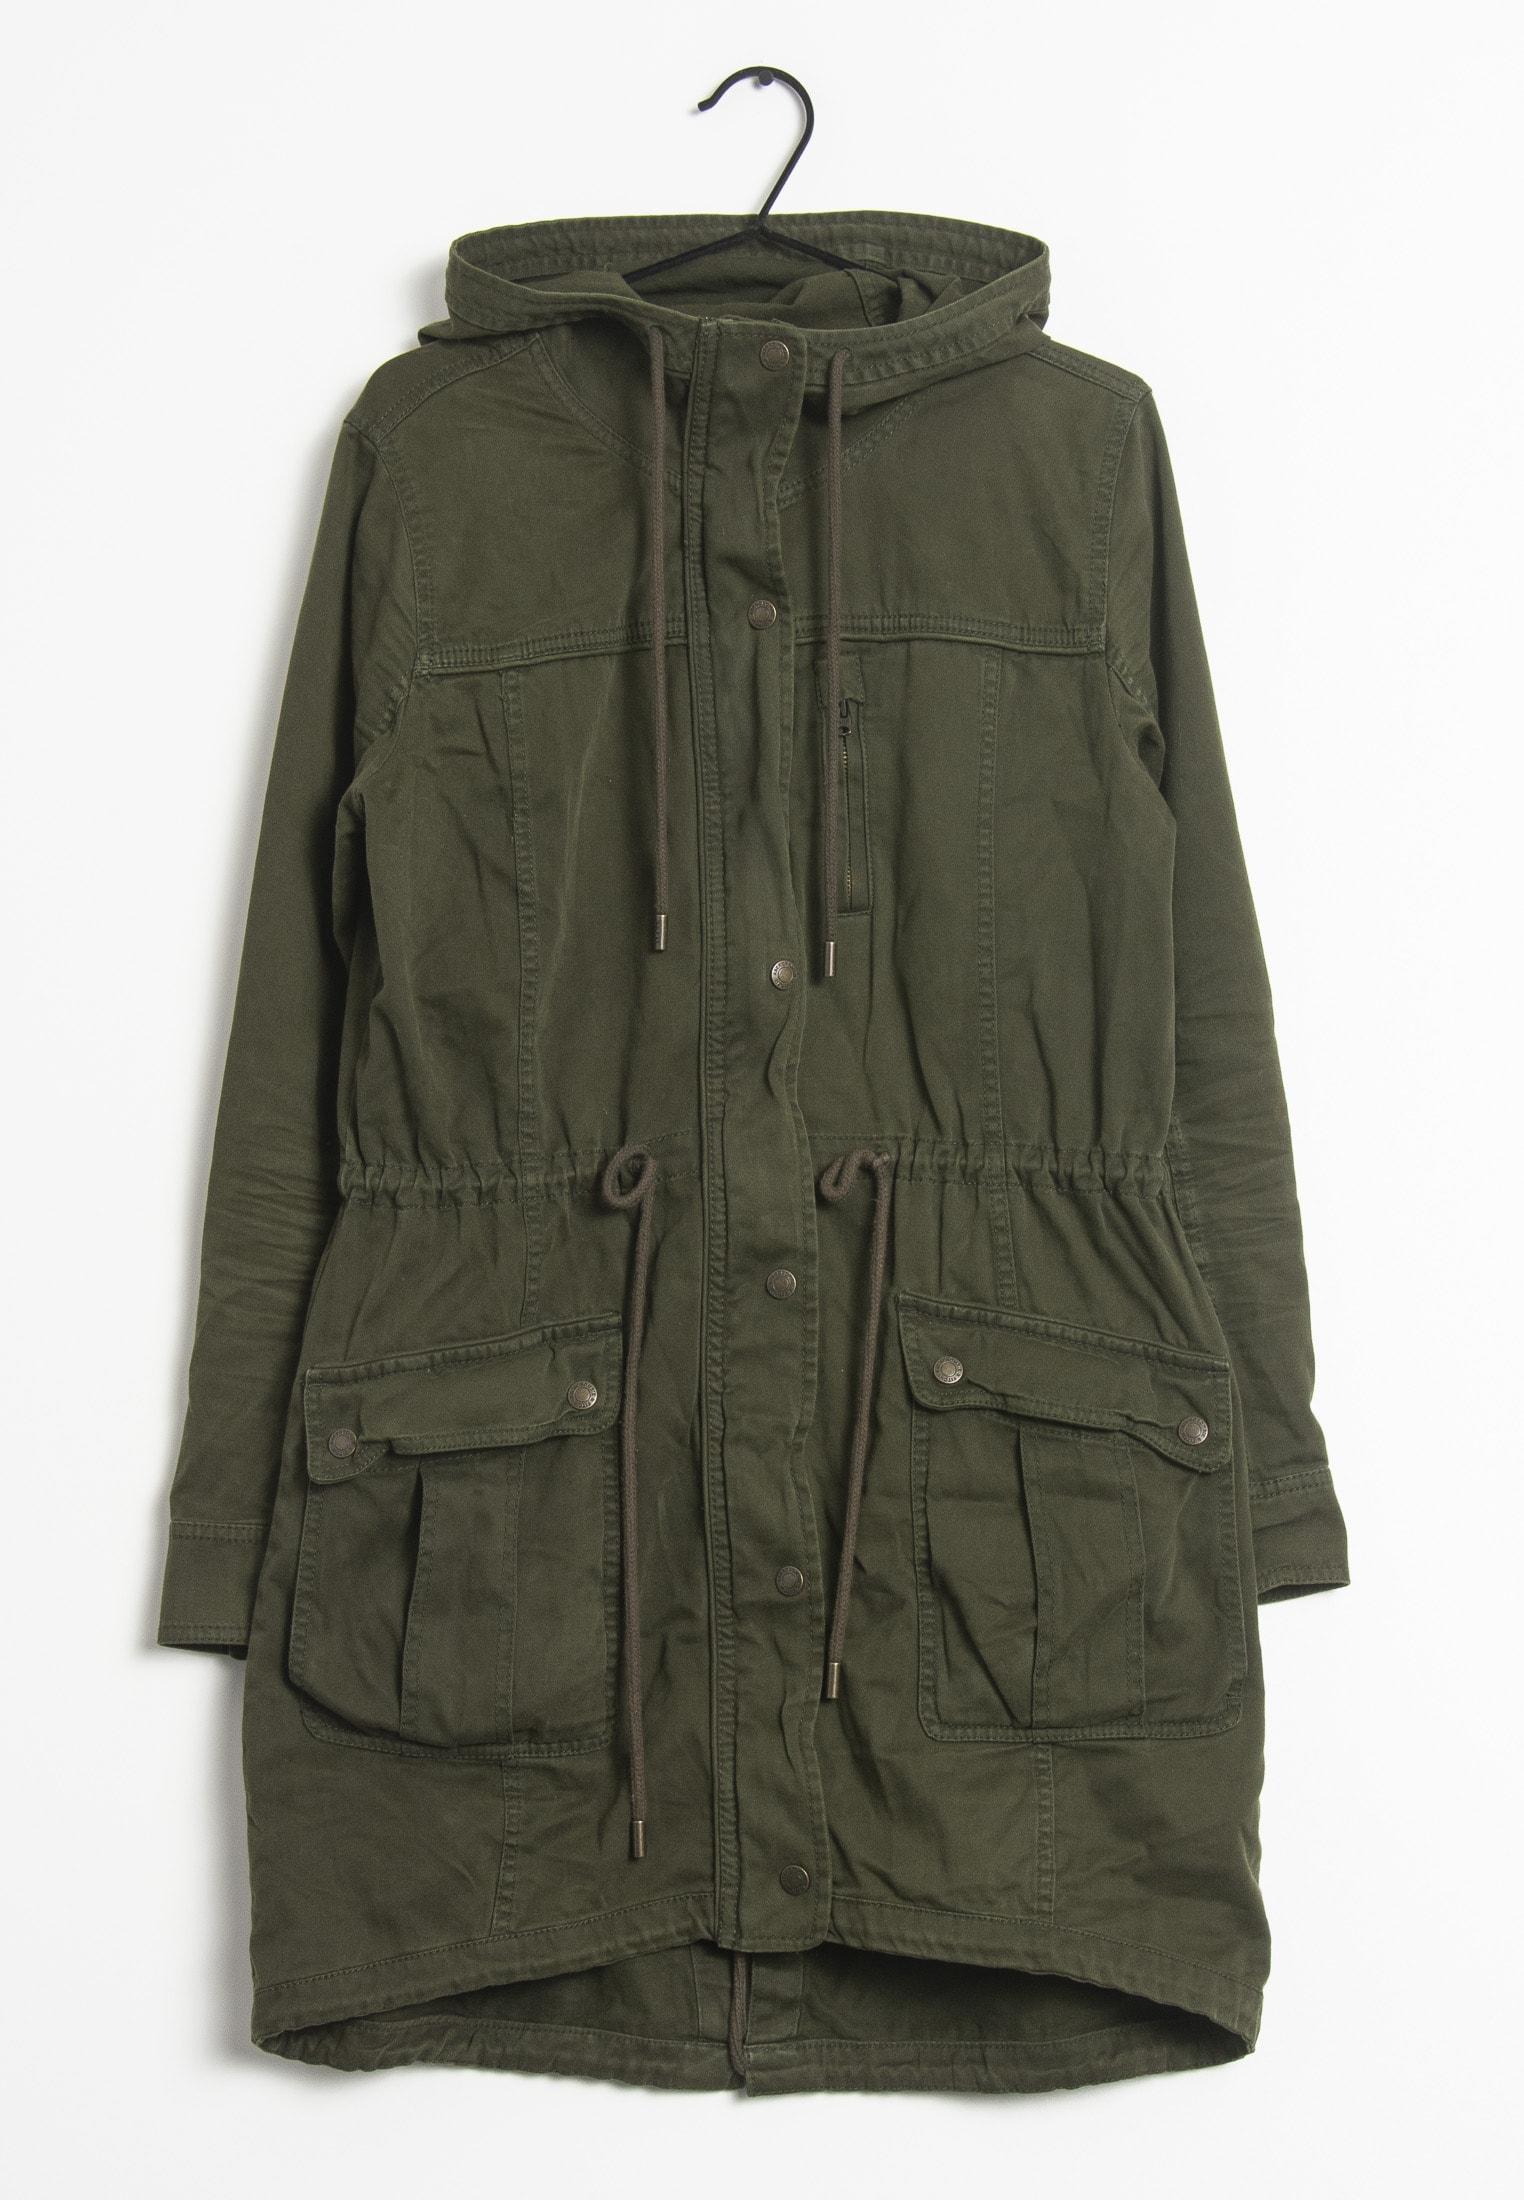 Abercrombie & Fitch Mantel Grün Gr.M